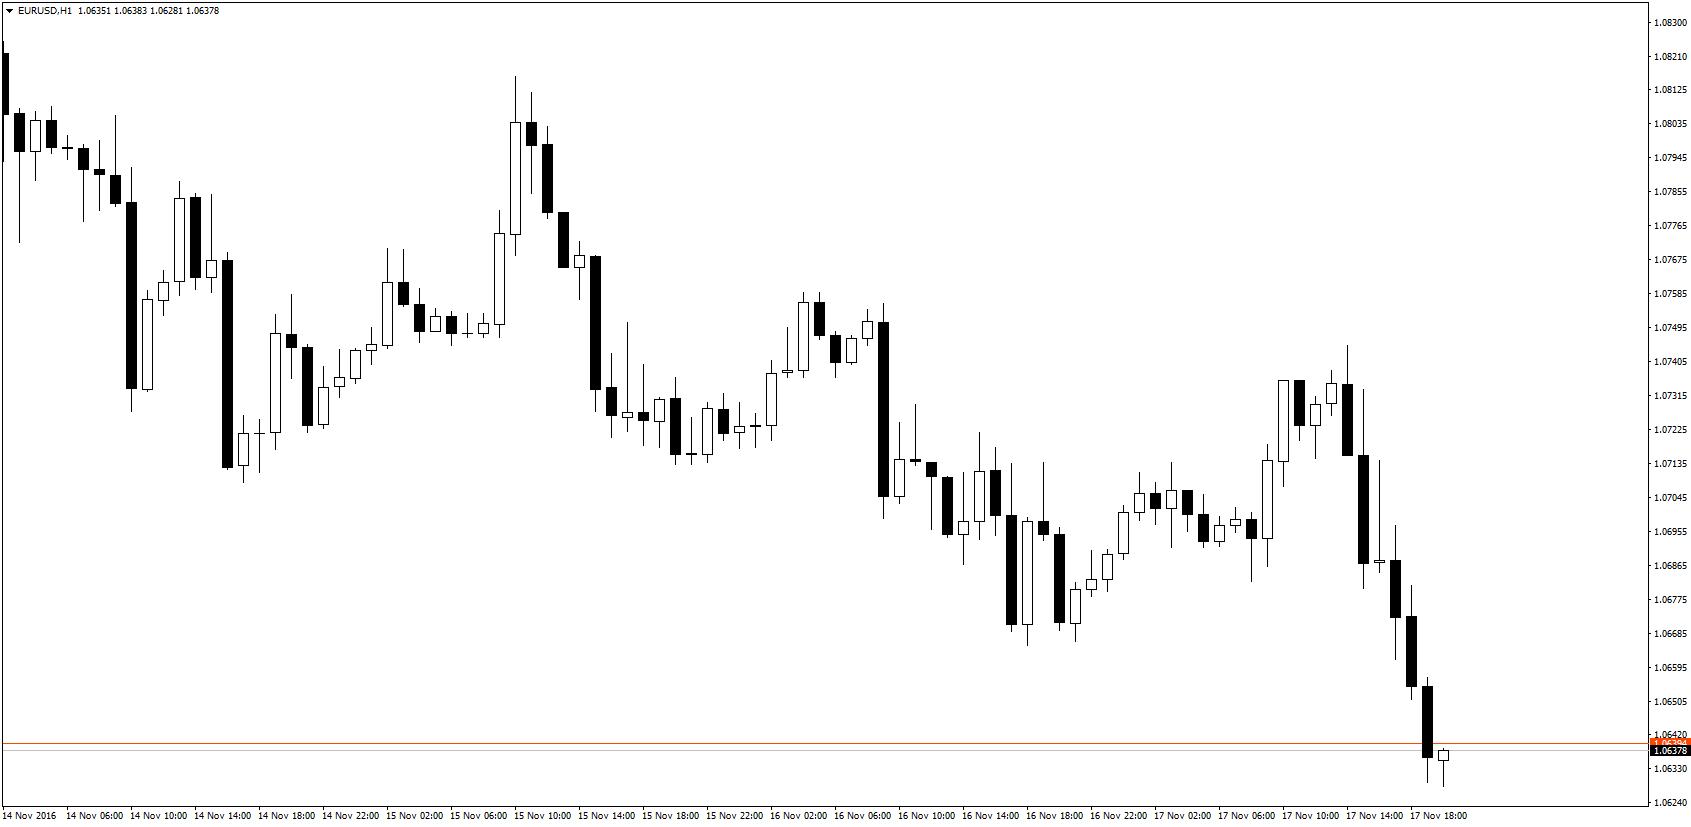 Od momentu publikacji oświadczenia Yellen, EUR/USD obrało tylko jeden kierunek